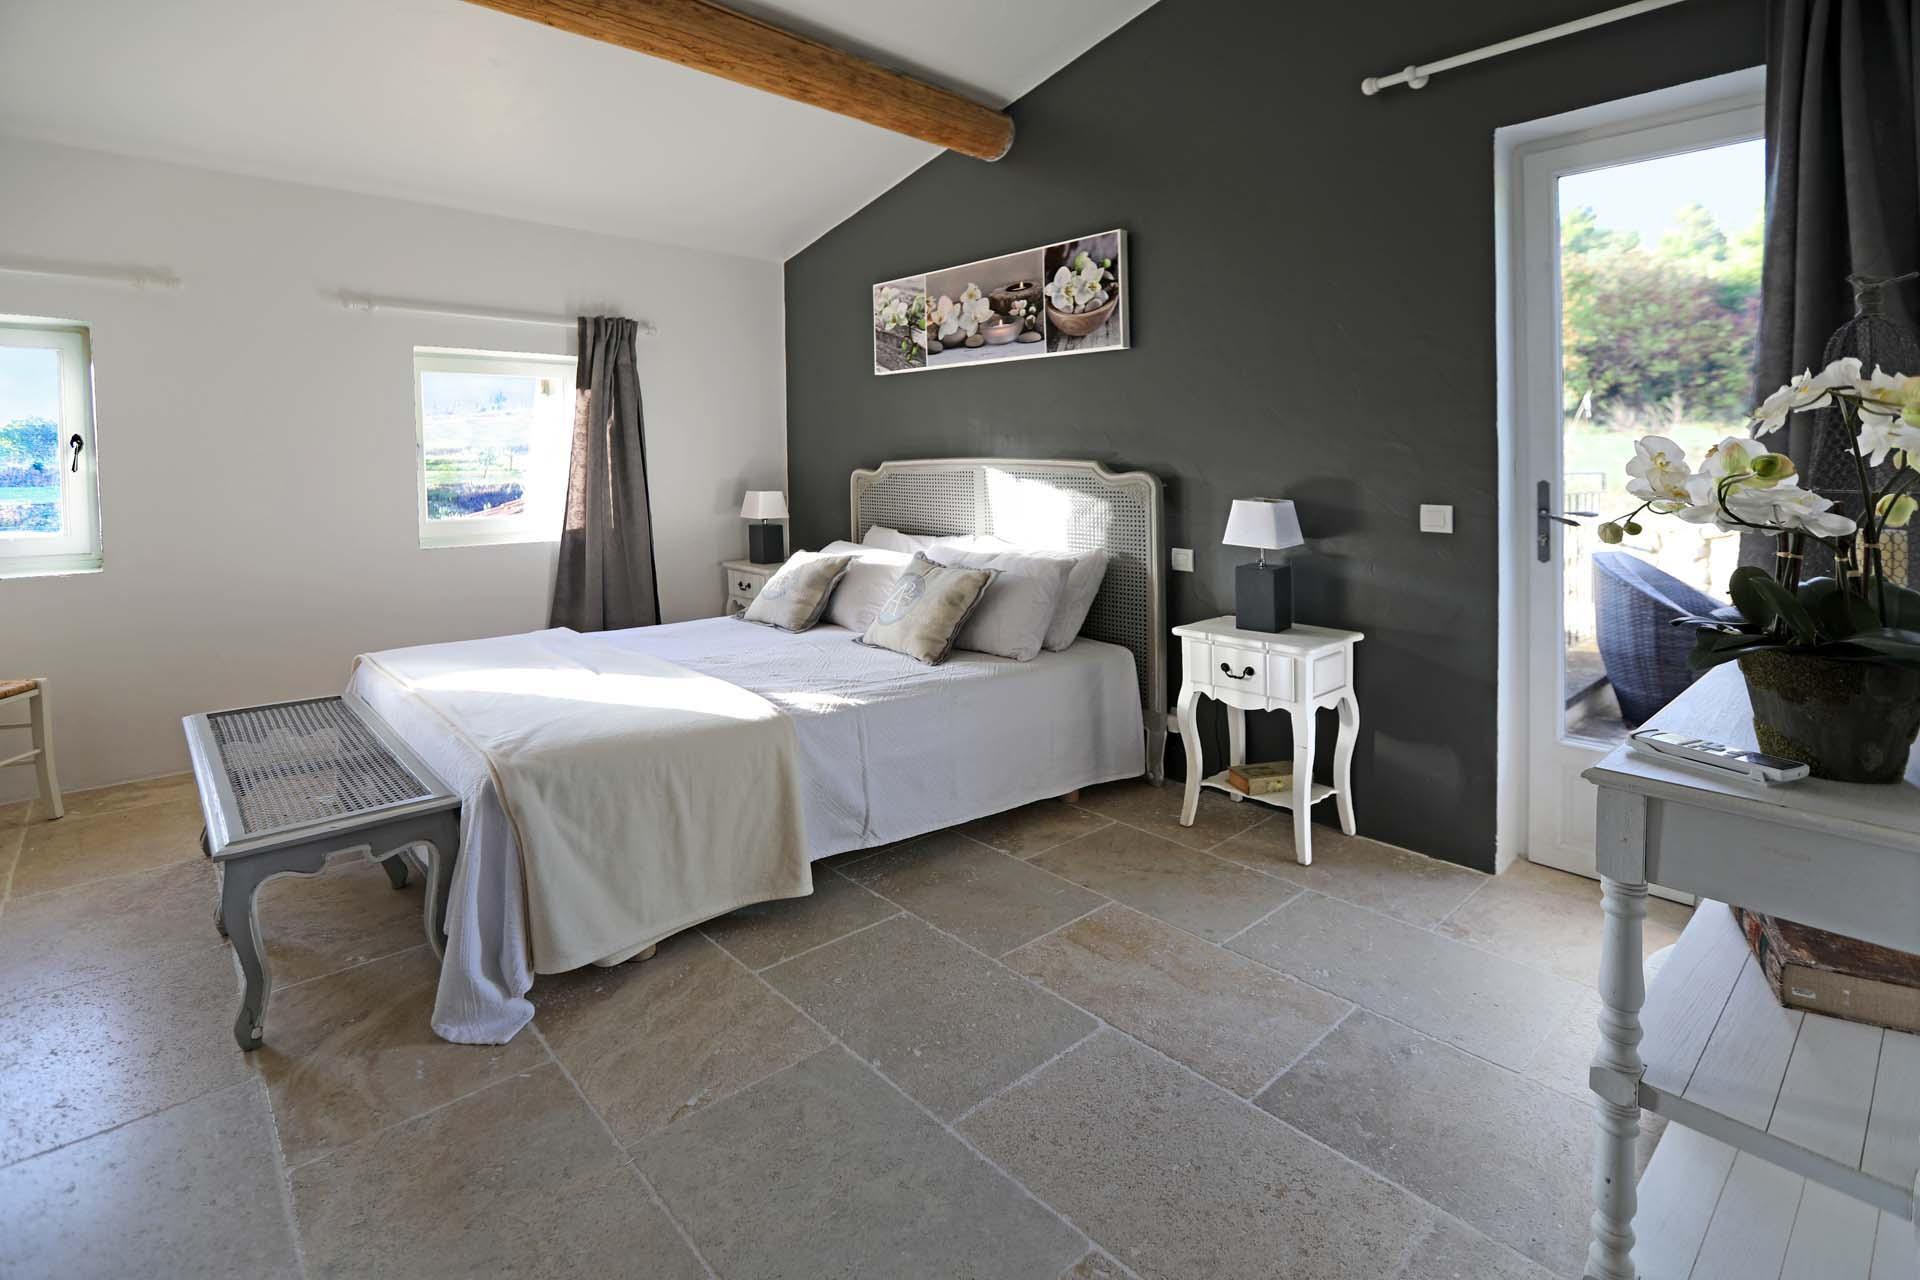 La chambre du haut de cette maison en vente à Murs 84220